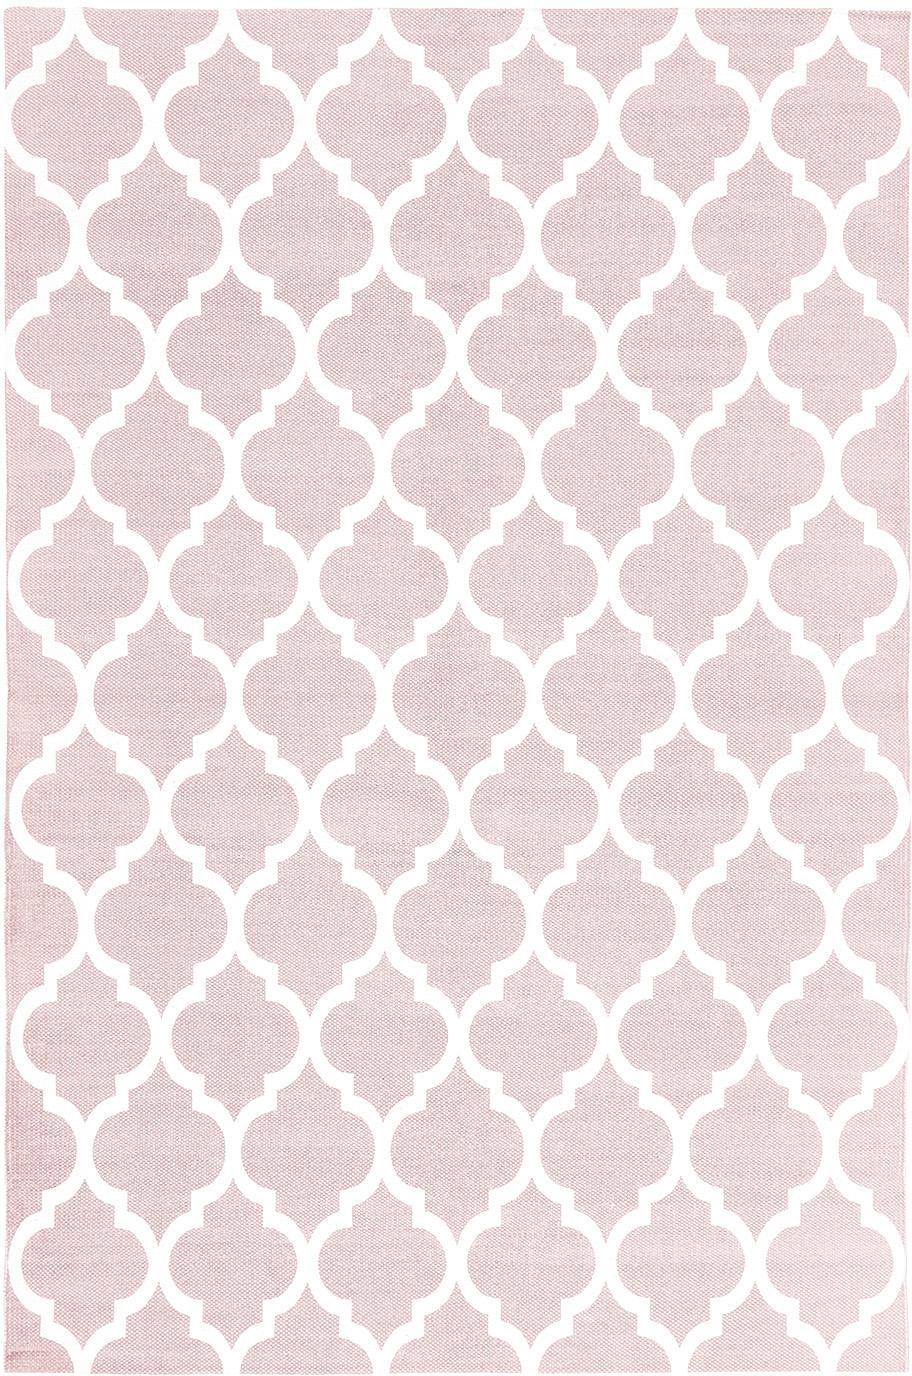 Flachgewebter Baumwollteppich Amira in Rosa/Weiss, 100% Baumwolle, Rosa, Cremeweiss, B 120 x L 180 cm (Grösse S)